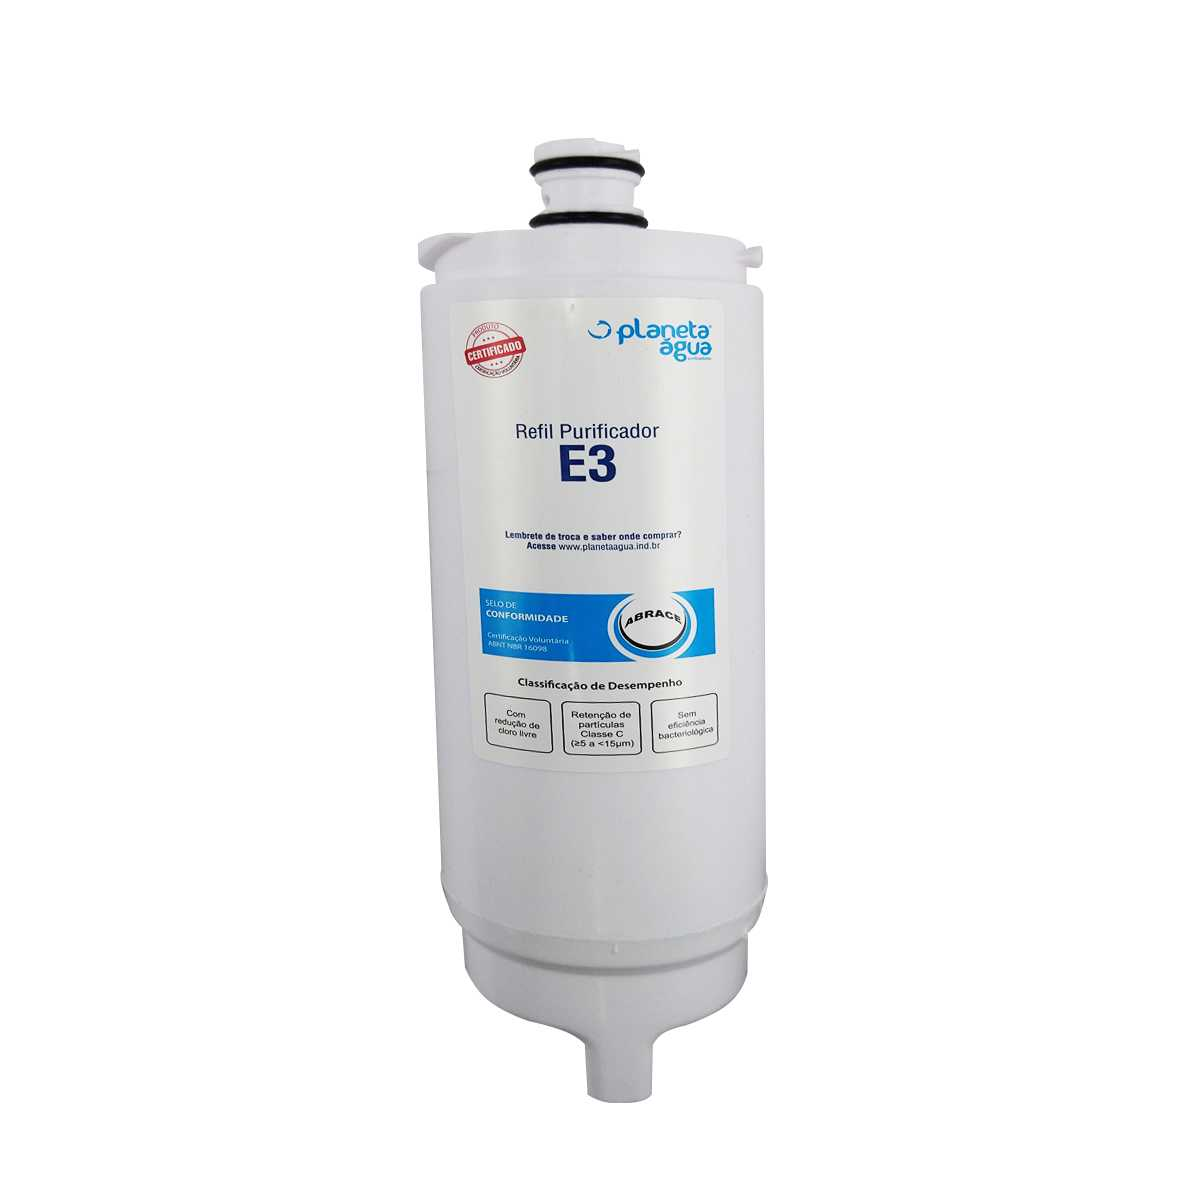 Refil filtro água purificador IBBL (E3 ESPECIAL)